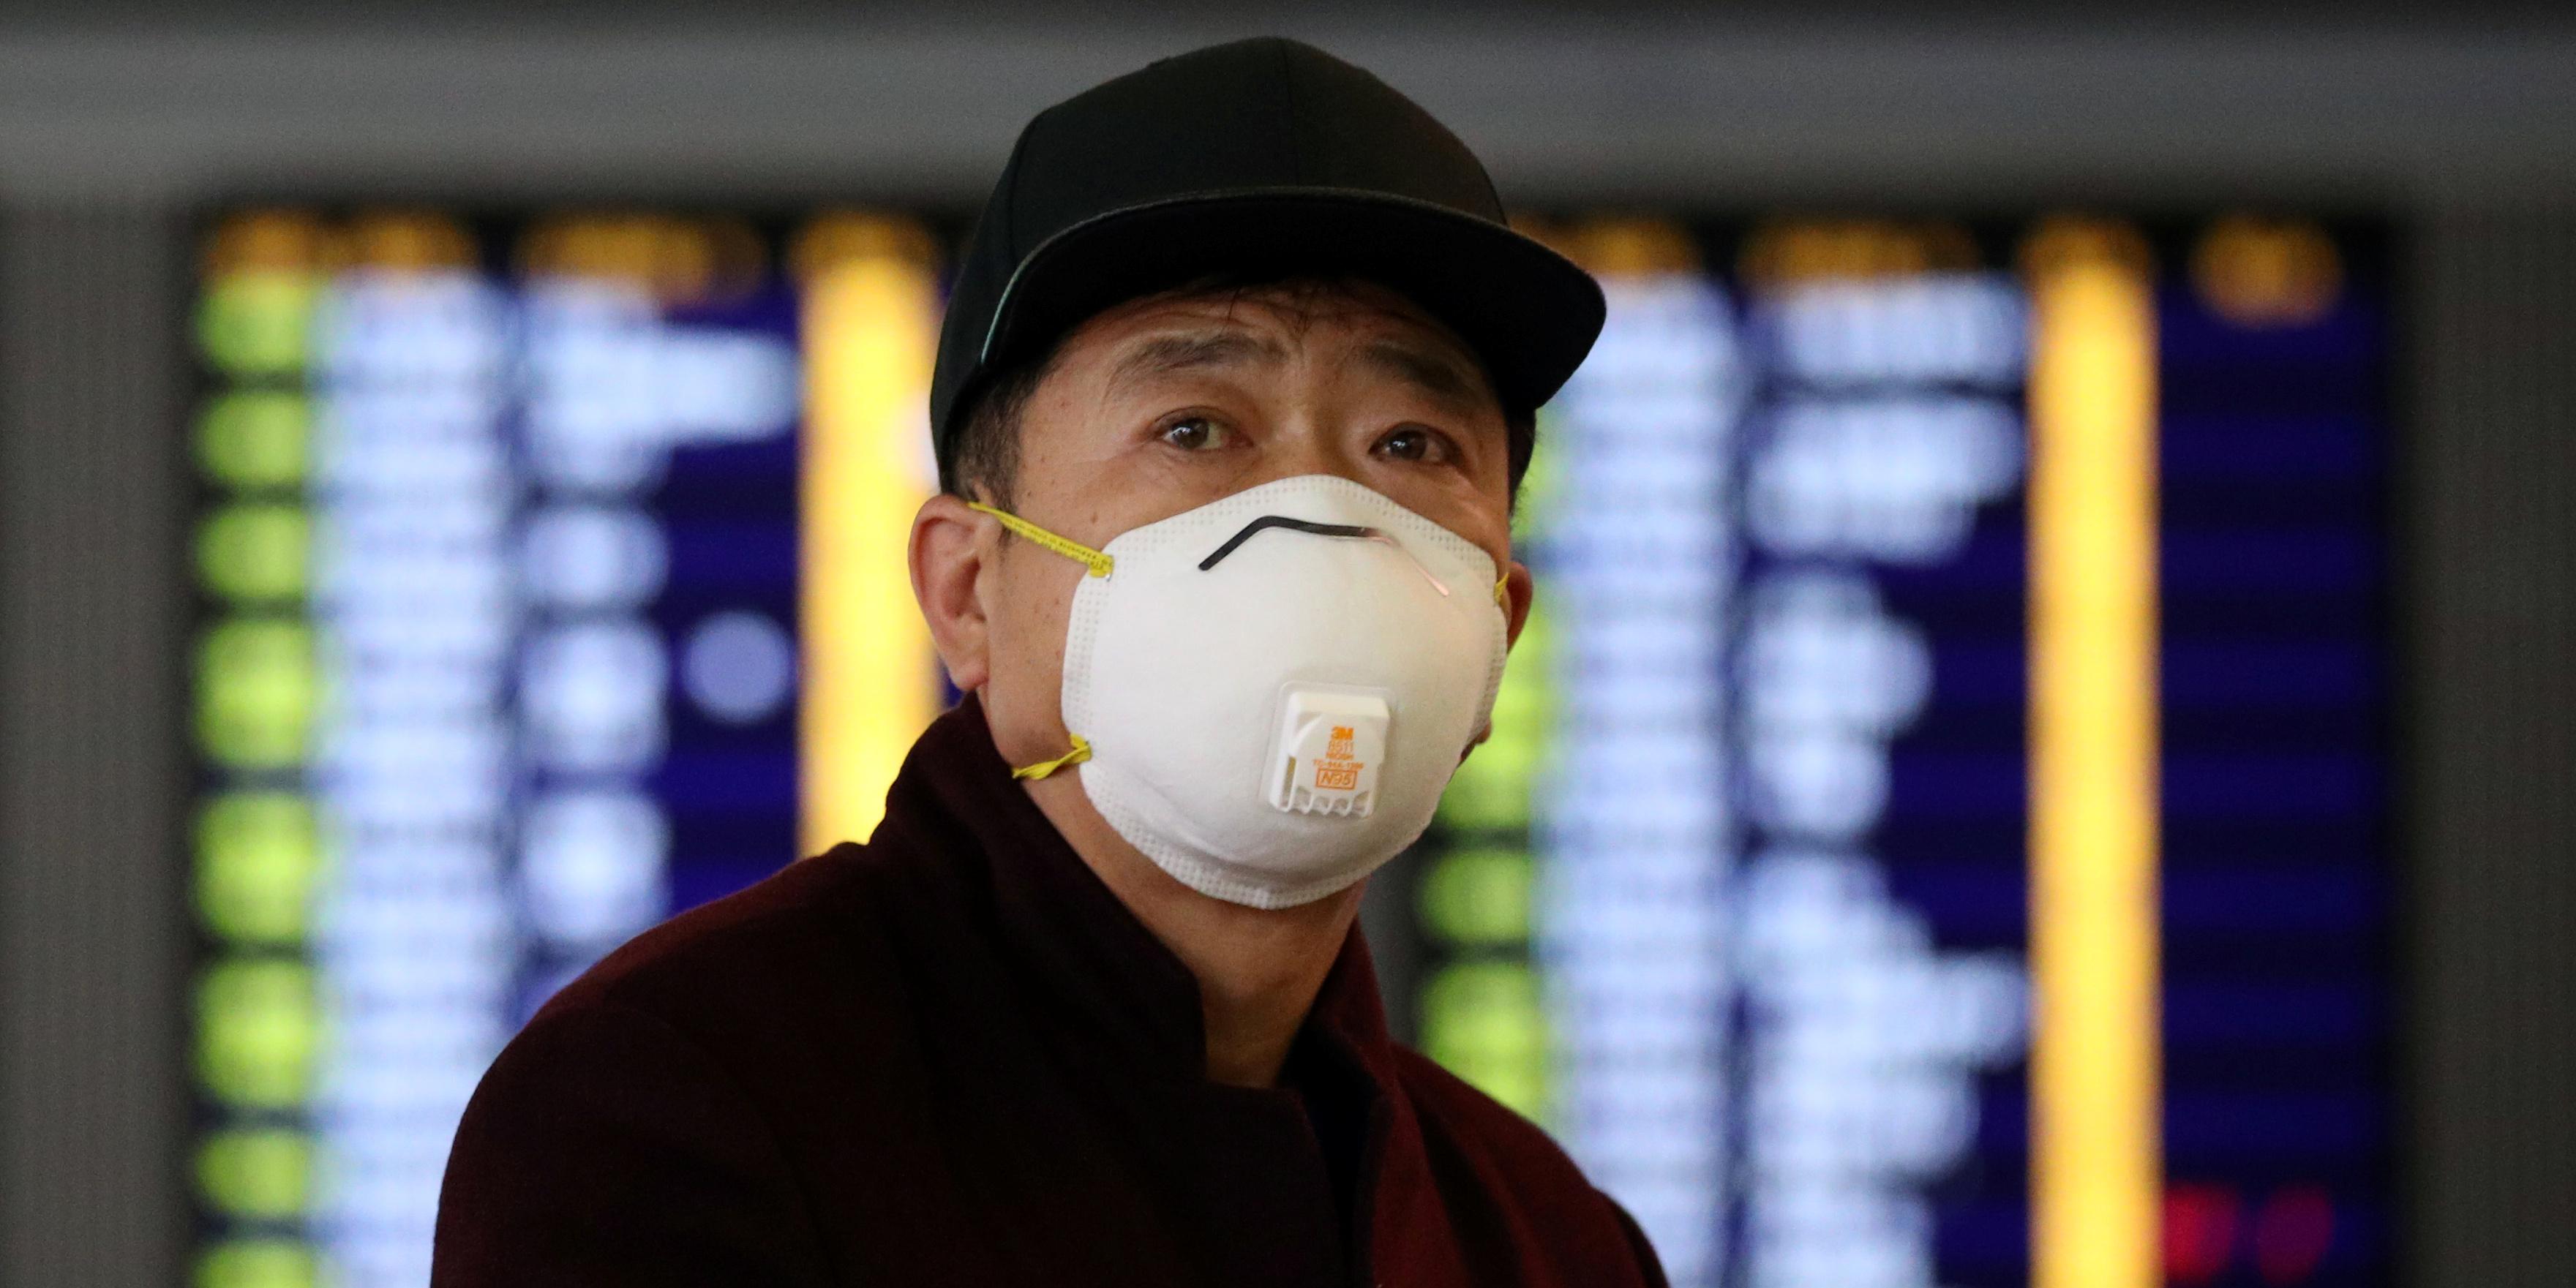 https://img.s3wfg.com/web/img/images_uploaded/0/0/coronavirus-covid-19-un-passager-porte-un-masque-tandis-qu-il-marche-dans-l-aeroport-international-de-hong-kong-le-7-fevrier-2020.png